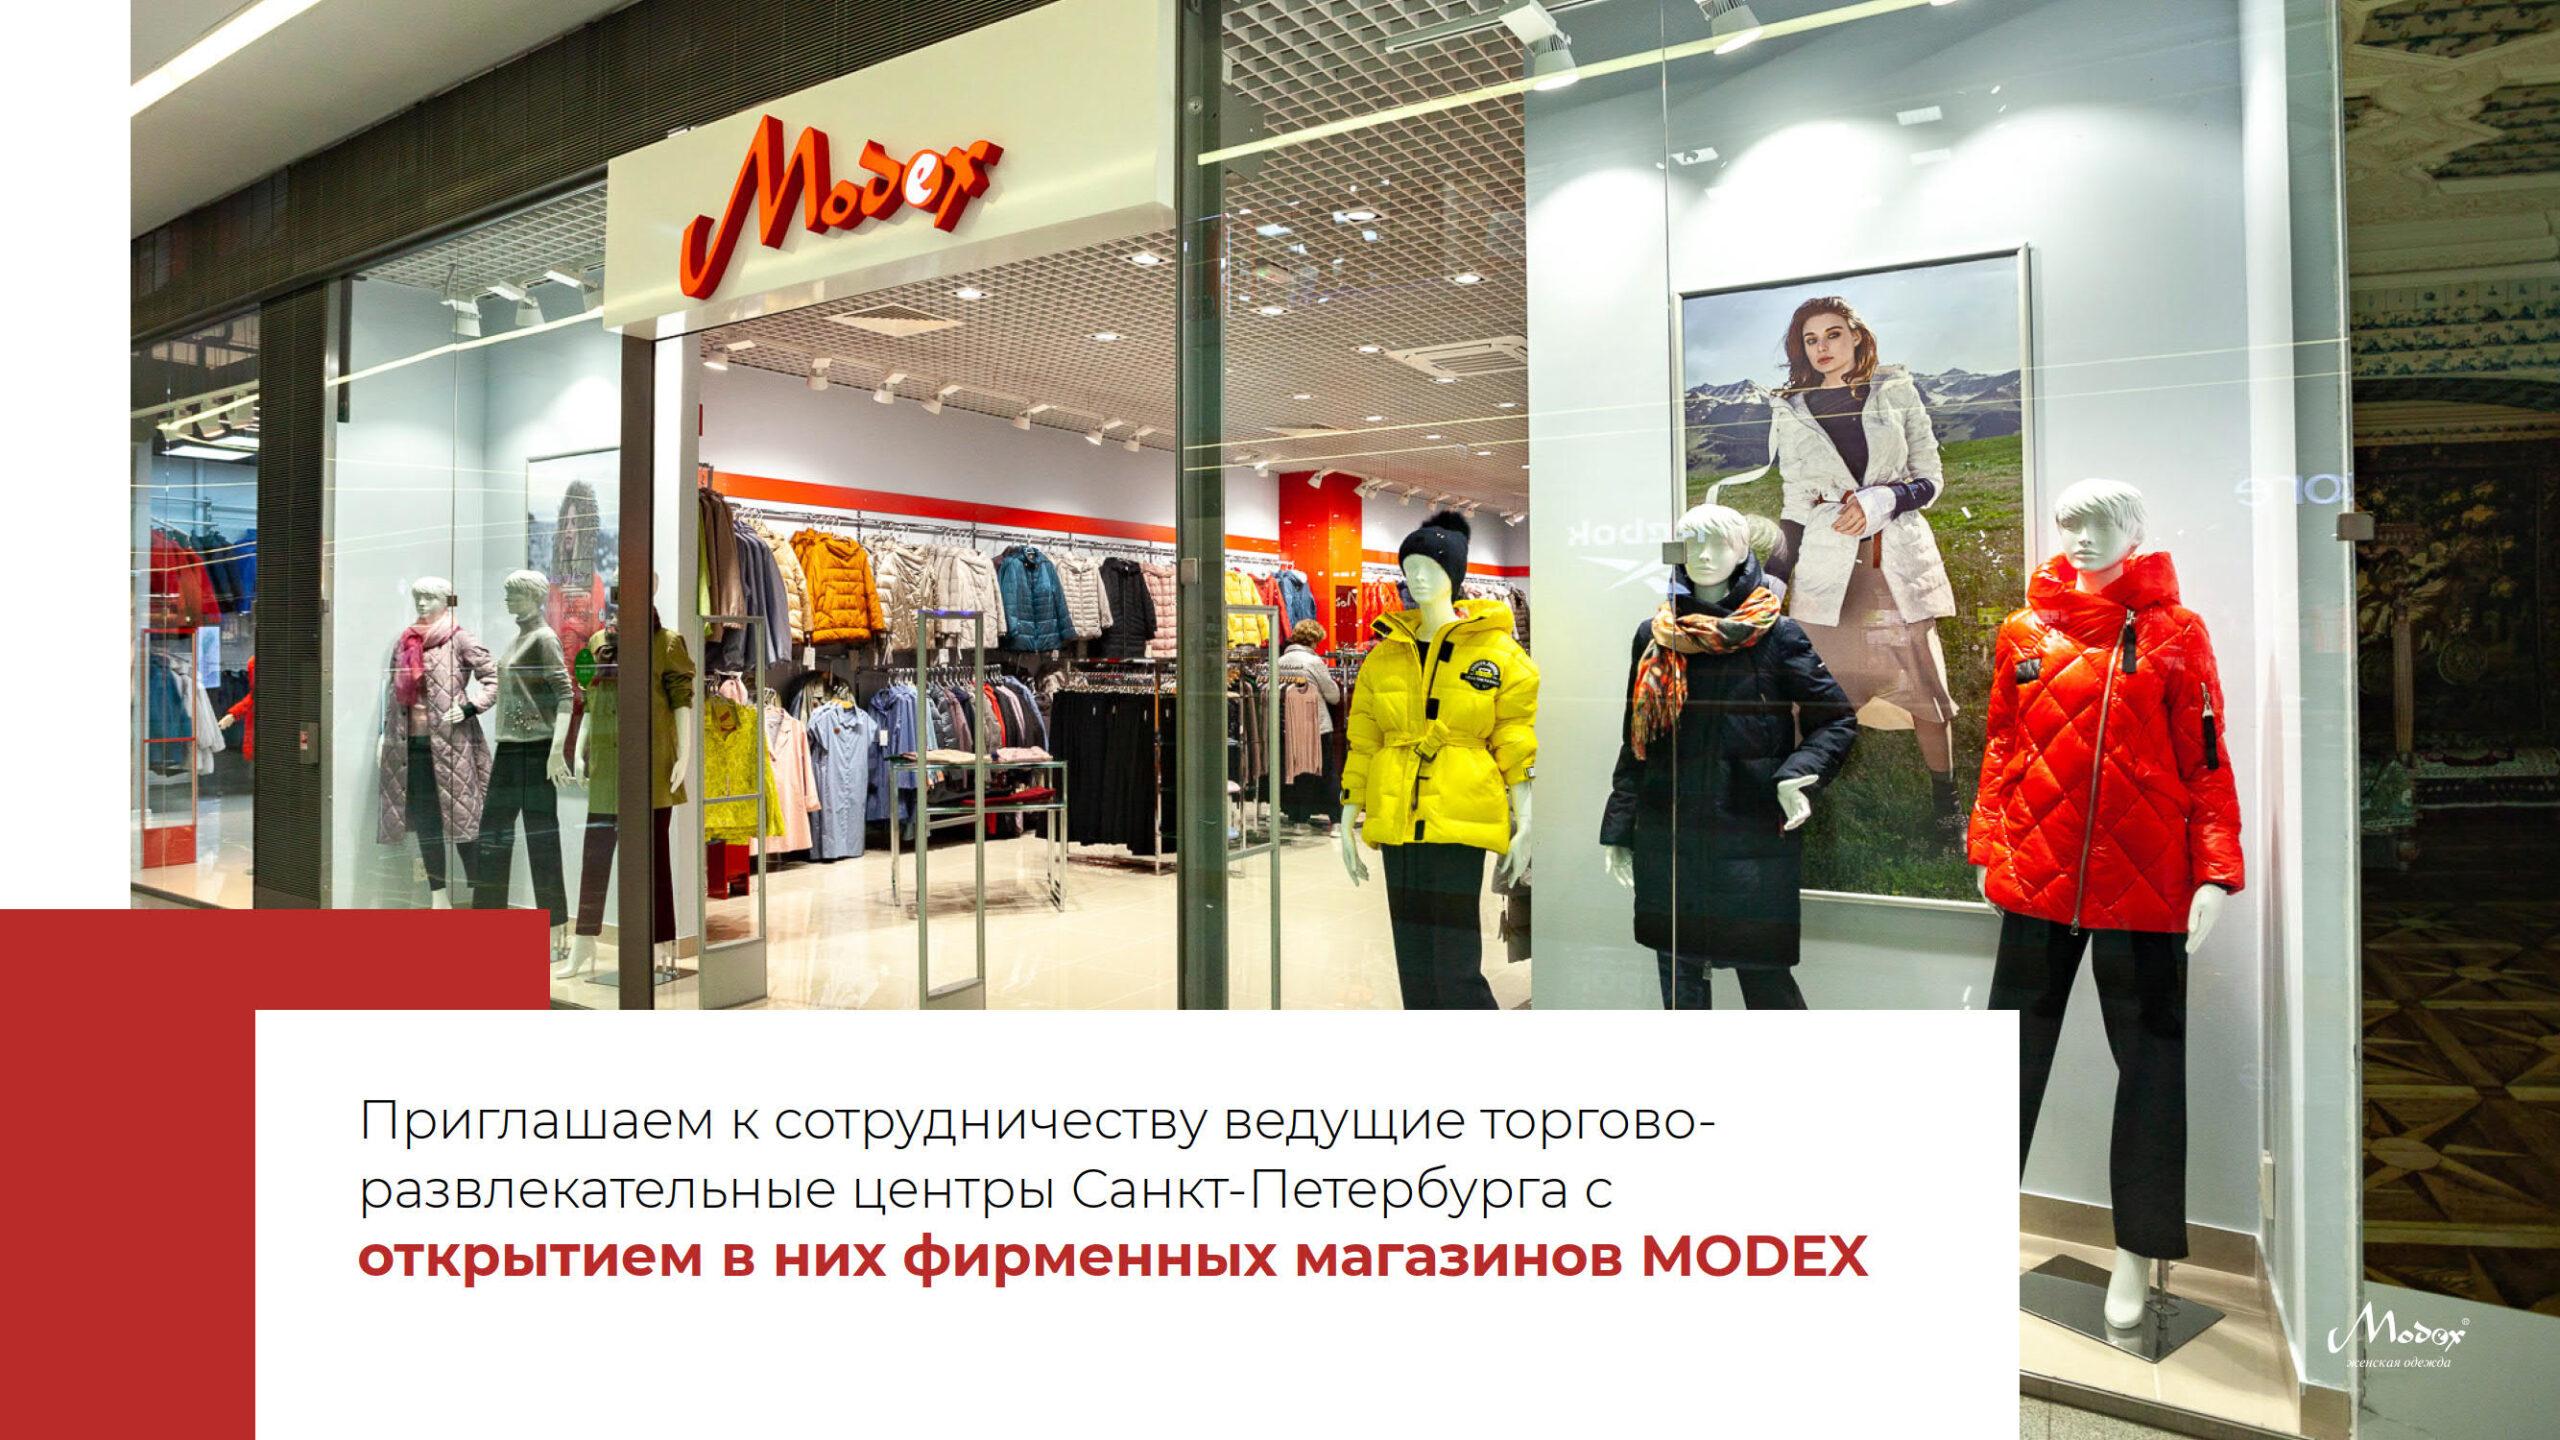 Презентация фирменных магазинов женской одежды Modex для аренды в ТРЦ